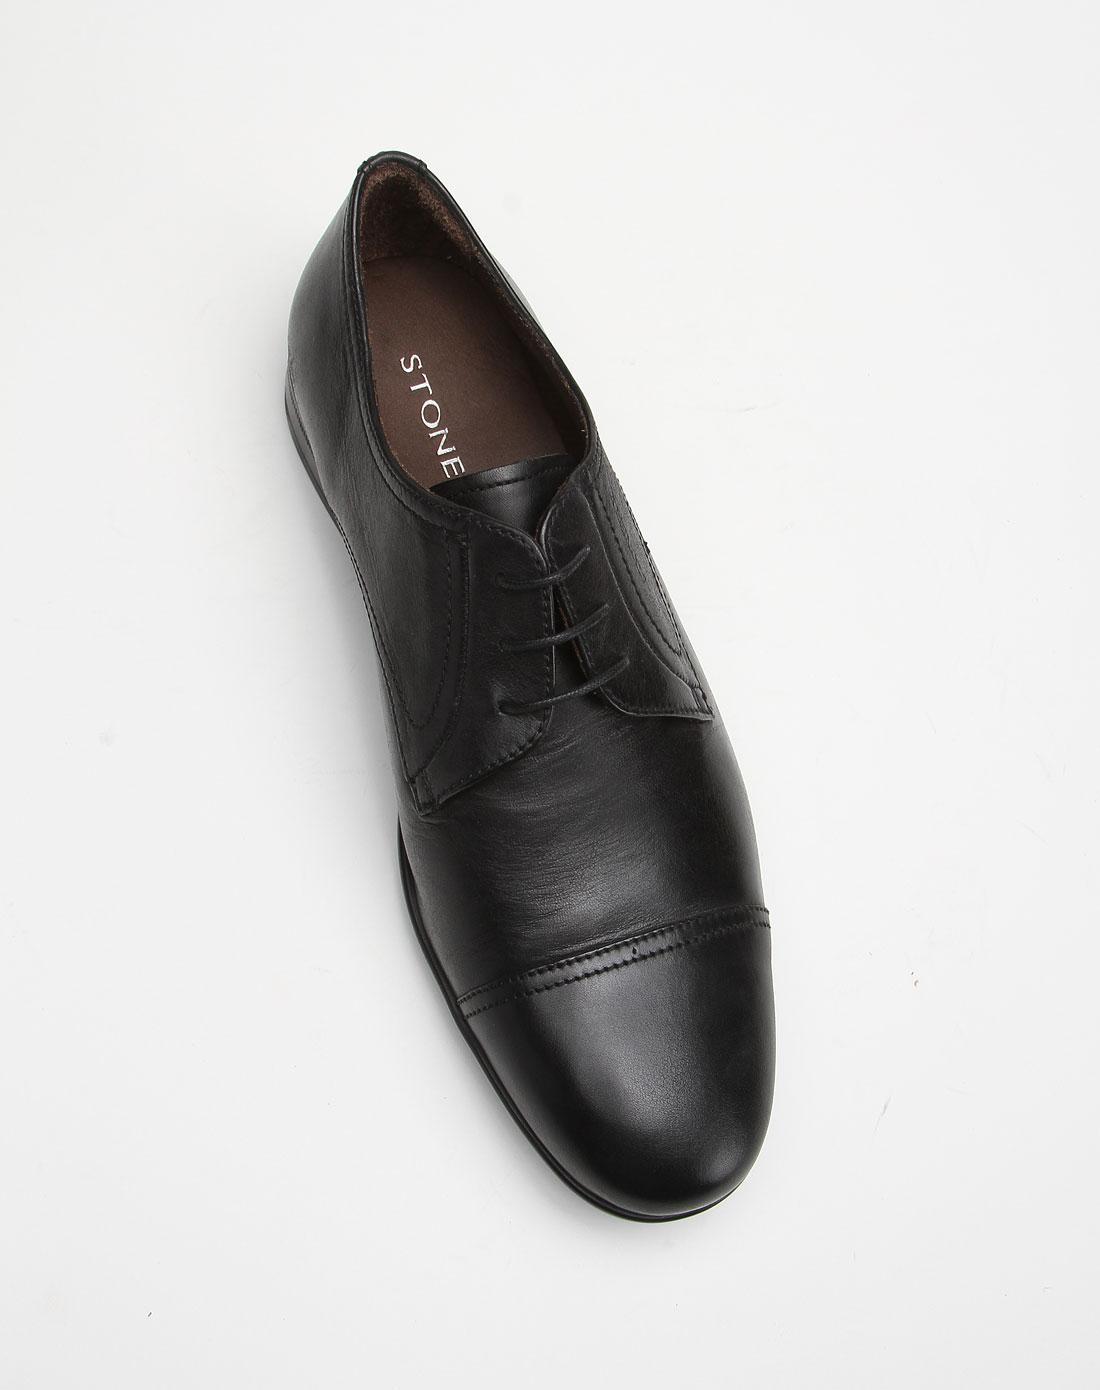 斯通富莱stonefly黑色商务休闲皮鞋sd21sm790411